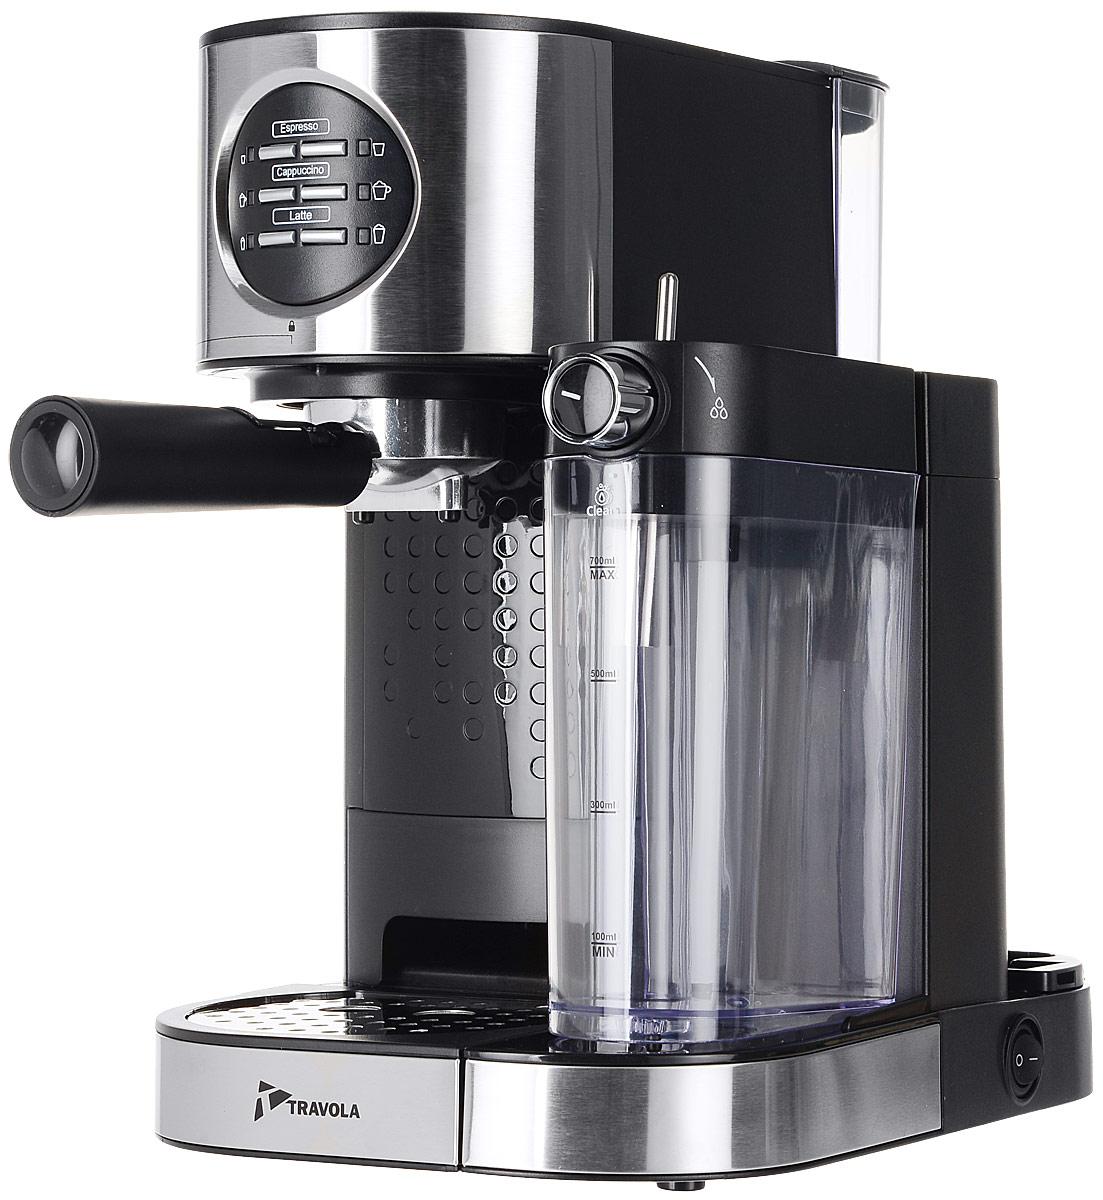 Travola CM5009-GS кофеваркаCM5009-GSКофеварка Travola CM5009 поможет приготовить чашку превосходного эспрессо из свежемолотого кофе. Прибор обладает возможностью приготовления различных типов кофейных напитков - эспрессо, капучино, или латте. Принцип действия кофеварки Travola CM5009-GS основан на пропускании горячей воды под давлением в несколько атмосфер через слой молотого кофе. Это позволяет быстро и полно экстрагировать из кофейной заварки все полезные вещества и получить отличный кофе с пенкой. Готовый кофе наливается в подставленную чашку.Поддон для сбора капельМожно дозировать вспенивание молока Резервуар для молока объемом 700 млПобедитель номинации Лучшая собственная торговая марка в сегменте ONLINE.Премия PRIVATE LABEL AWARDS (by IPLS) -международная премия в области собственных торговых марок, созданная компанией Reed Exhibitions в рамках выставки Собственная Торговая Марка (IPLS) 2016 с целью поощрения розничных сетей, а также производителей продовольственных и непродовольственных товаров за их вклад в развитие качественных товаров private label, которые способствуют росту уровня покупательского доверия в России и СНГ.Как выбрать кофеварку. Статья OZON Гид